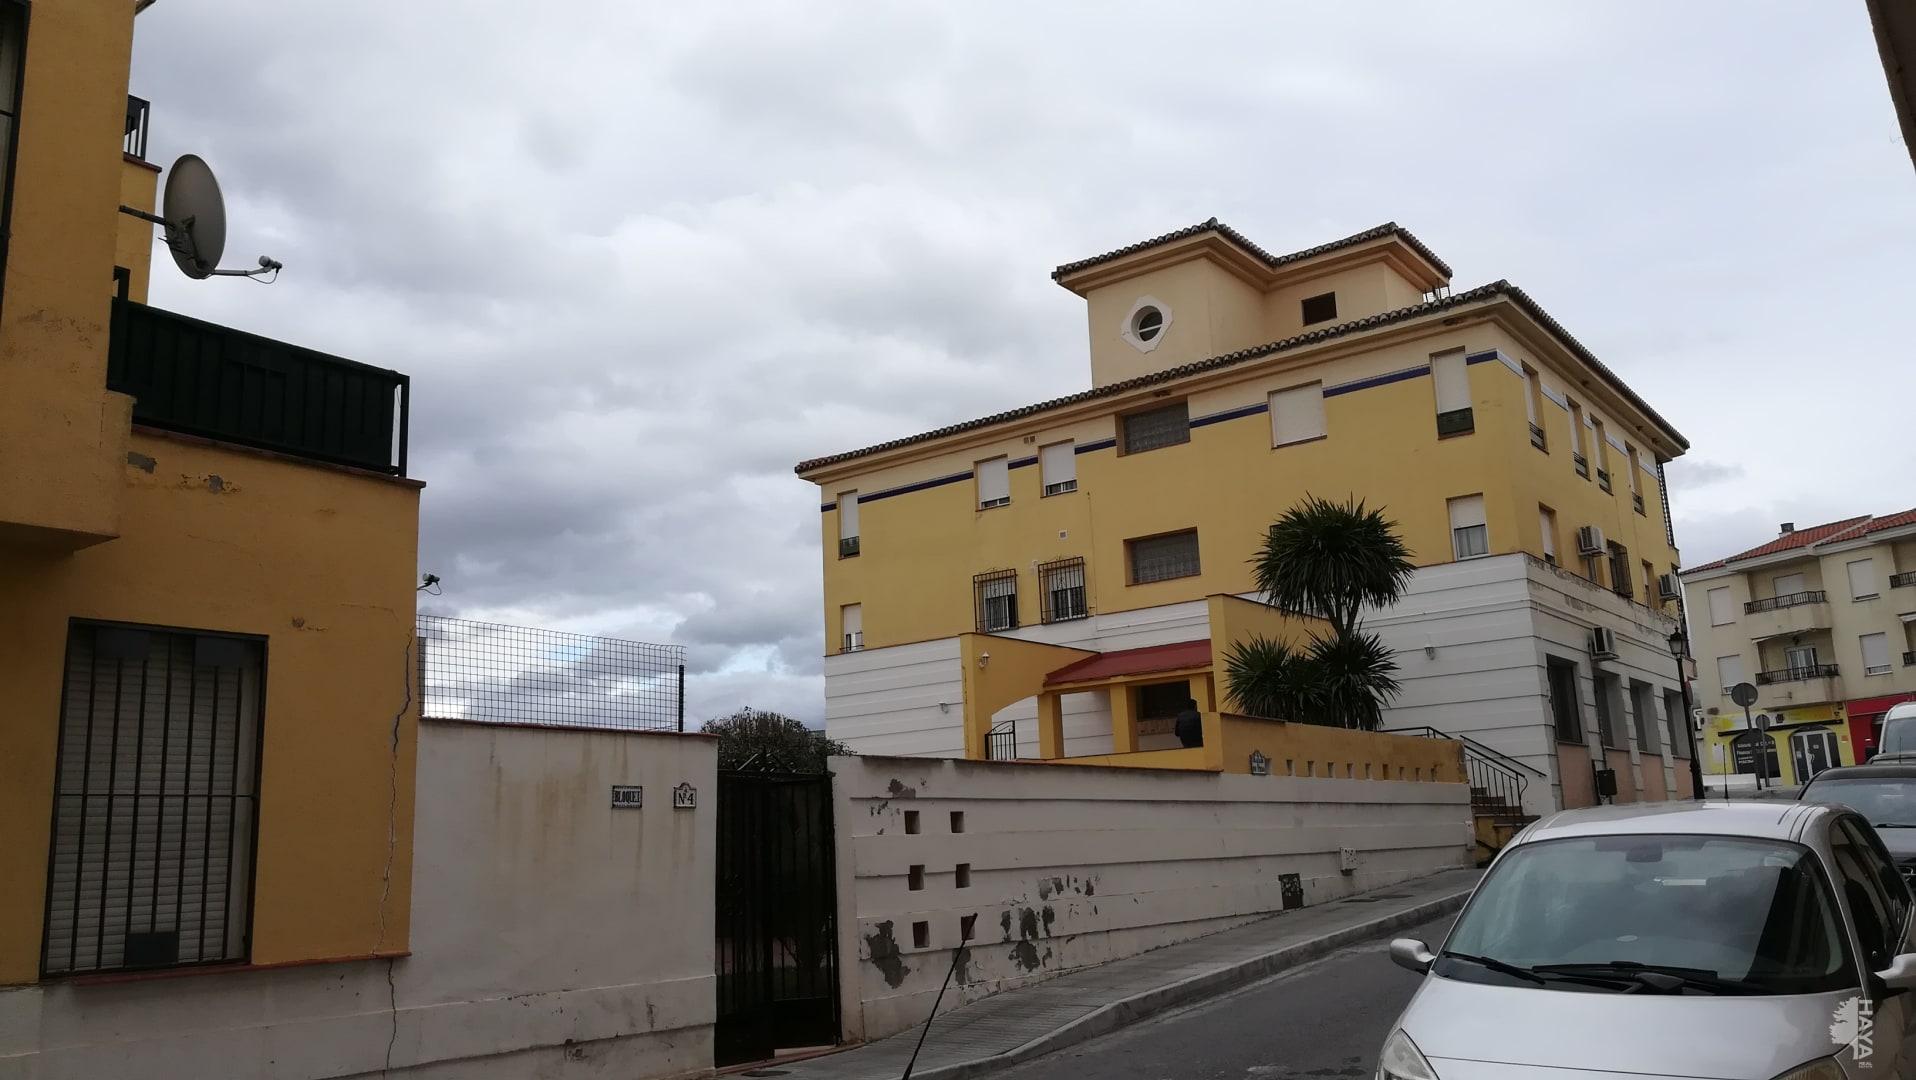 Piso en venta en Las Gabias, Granada, Calle Cristobal Colon, 70.056 €, 2 habitaciones, 1 baño, 83 m2